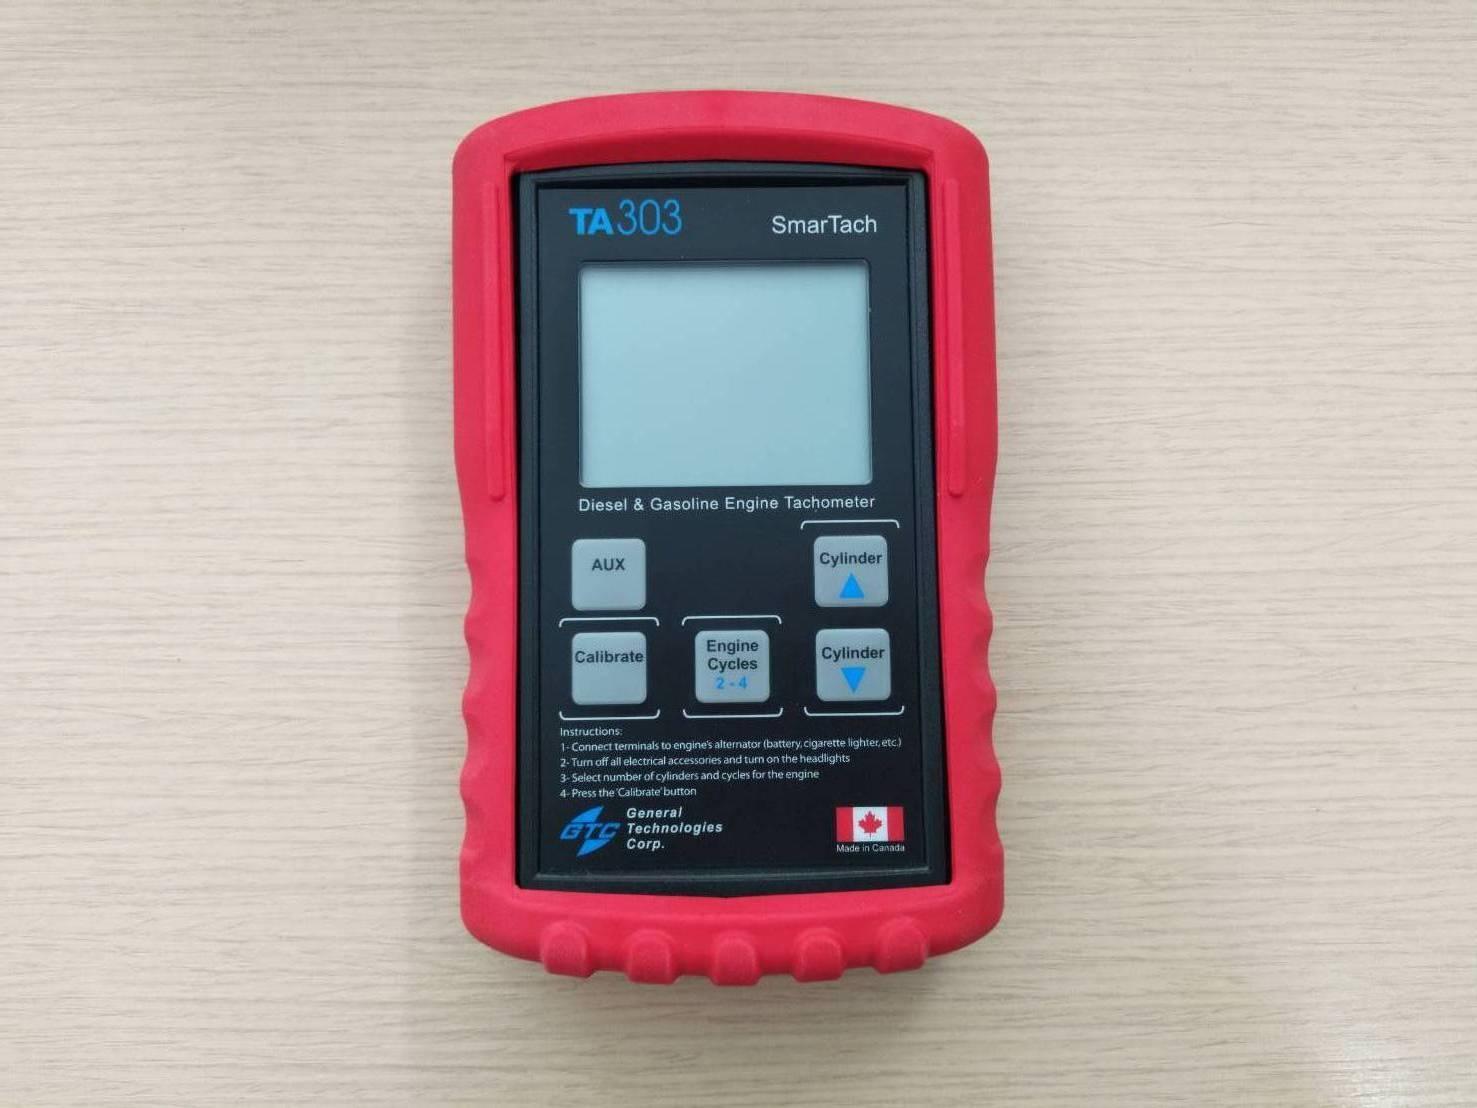 เครื่องวัดความเร็วรอบ SMARTACH TA303